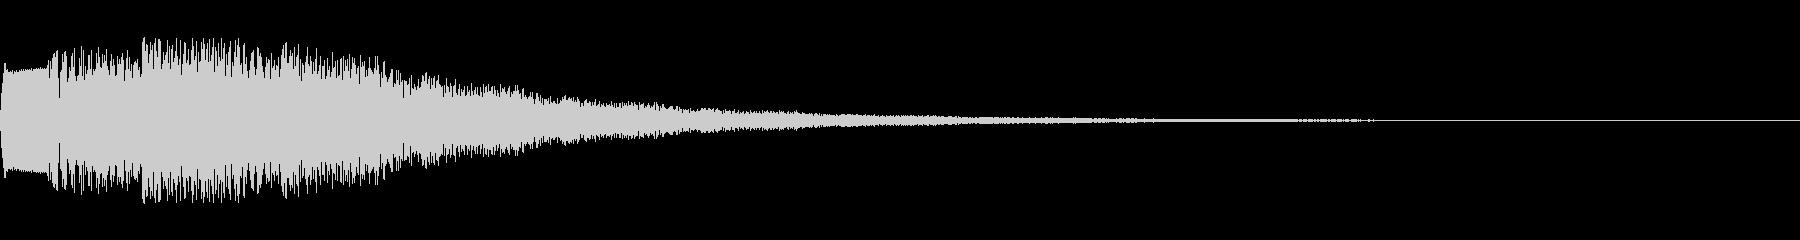 電子音 場面転換3の未再生の波形